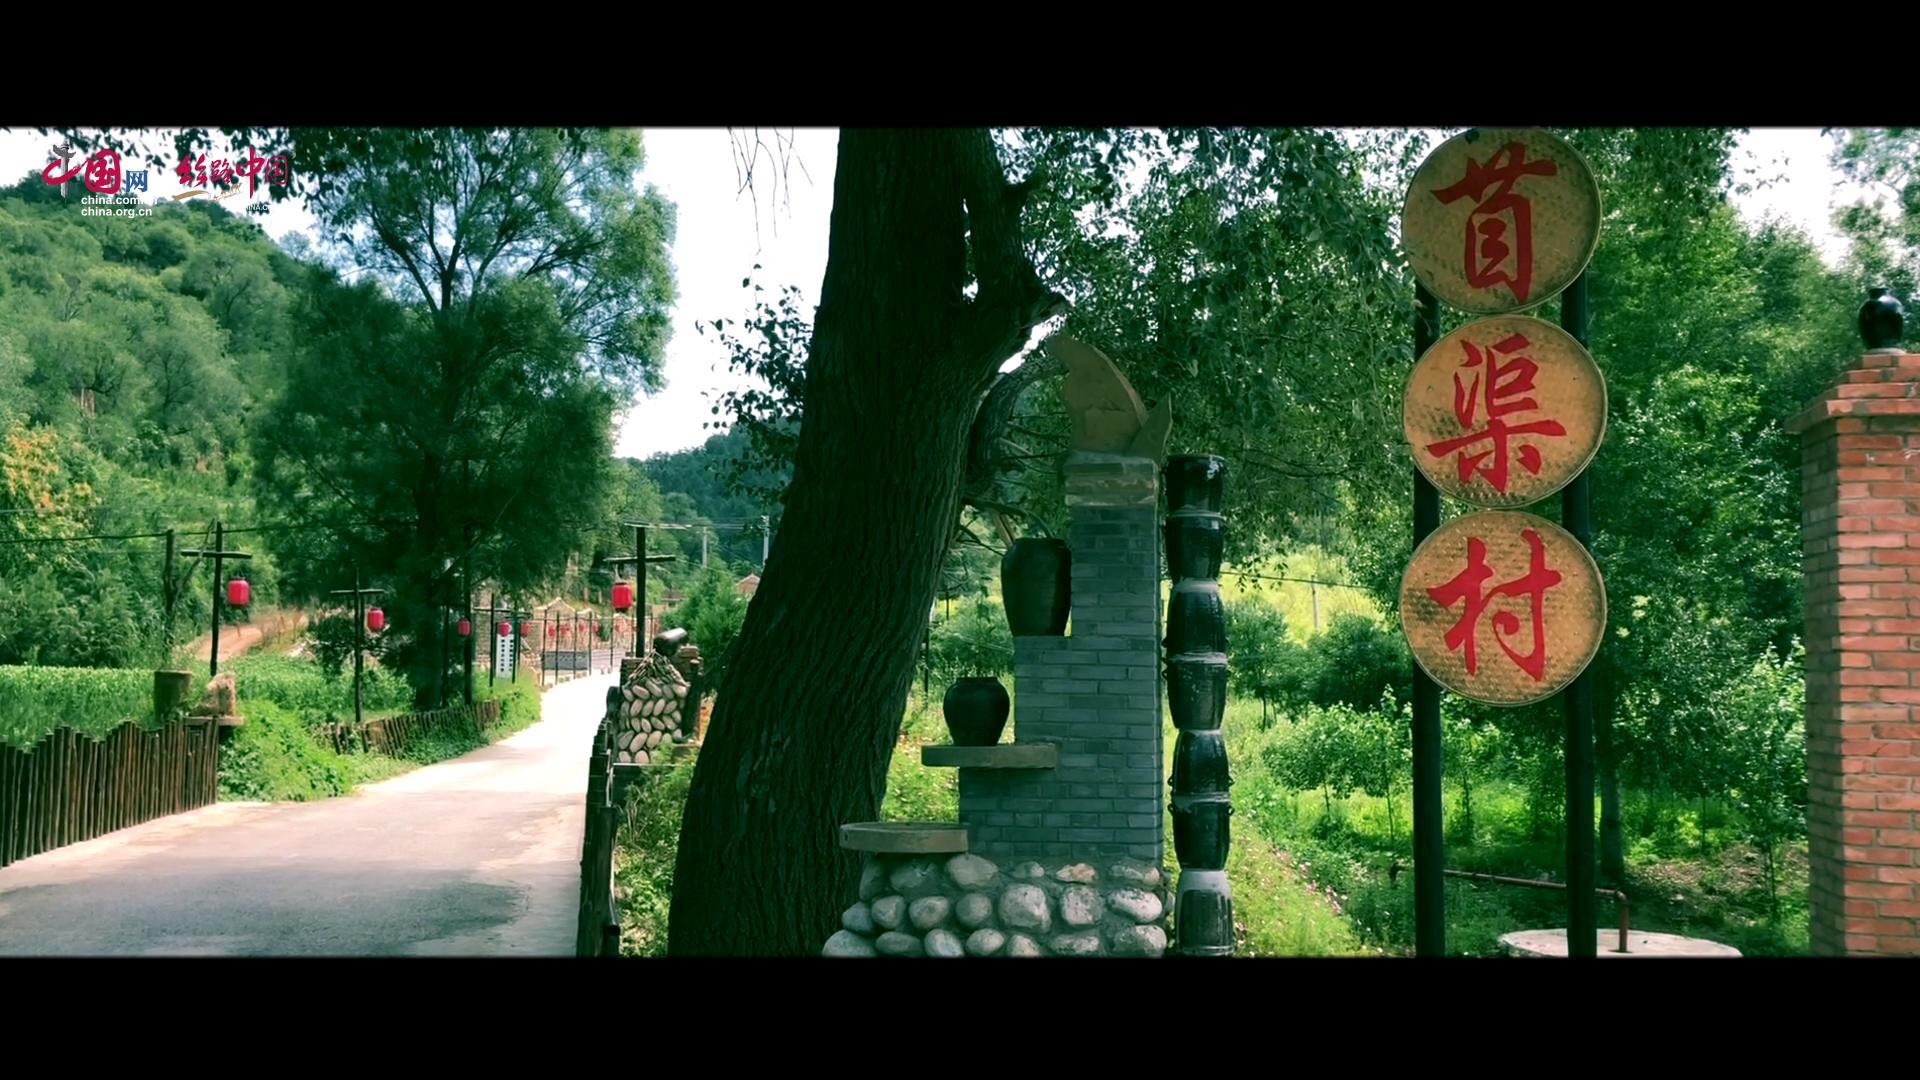 【视频】黄龙苜渠村:世外桃源般的民俗小村